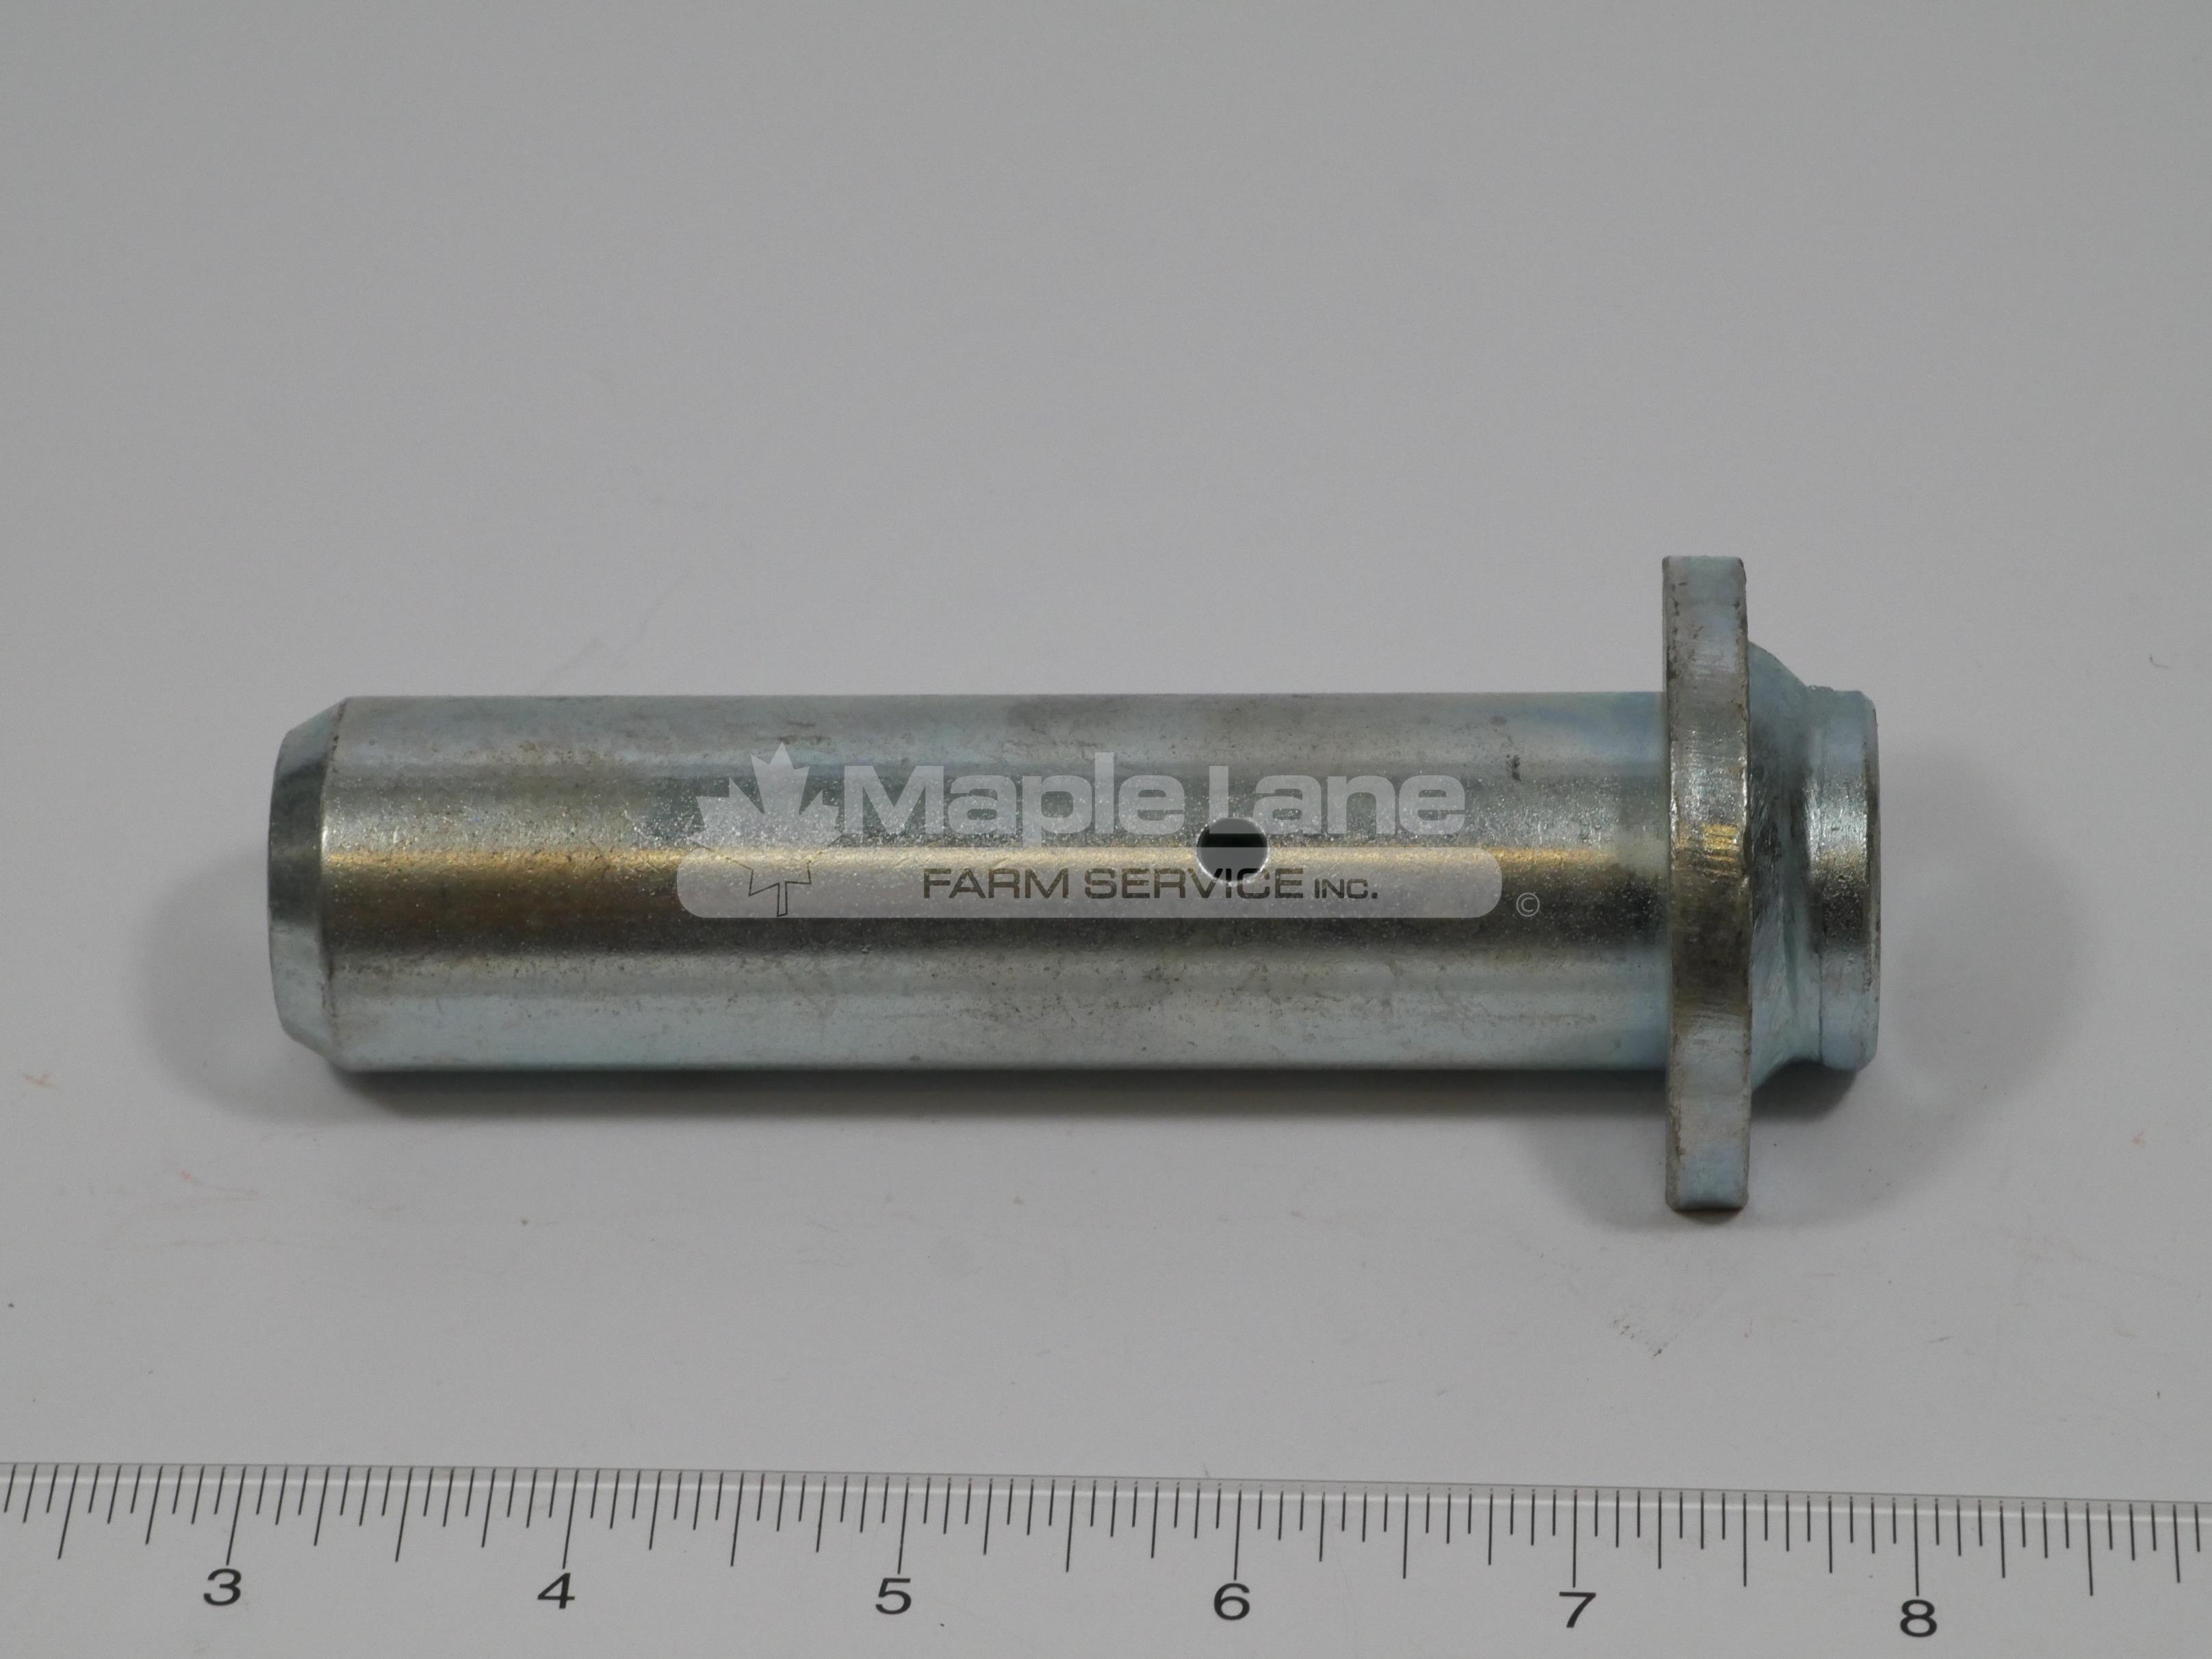 al1116922 pin